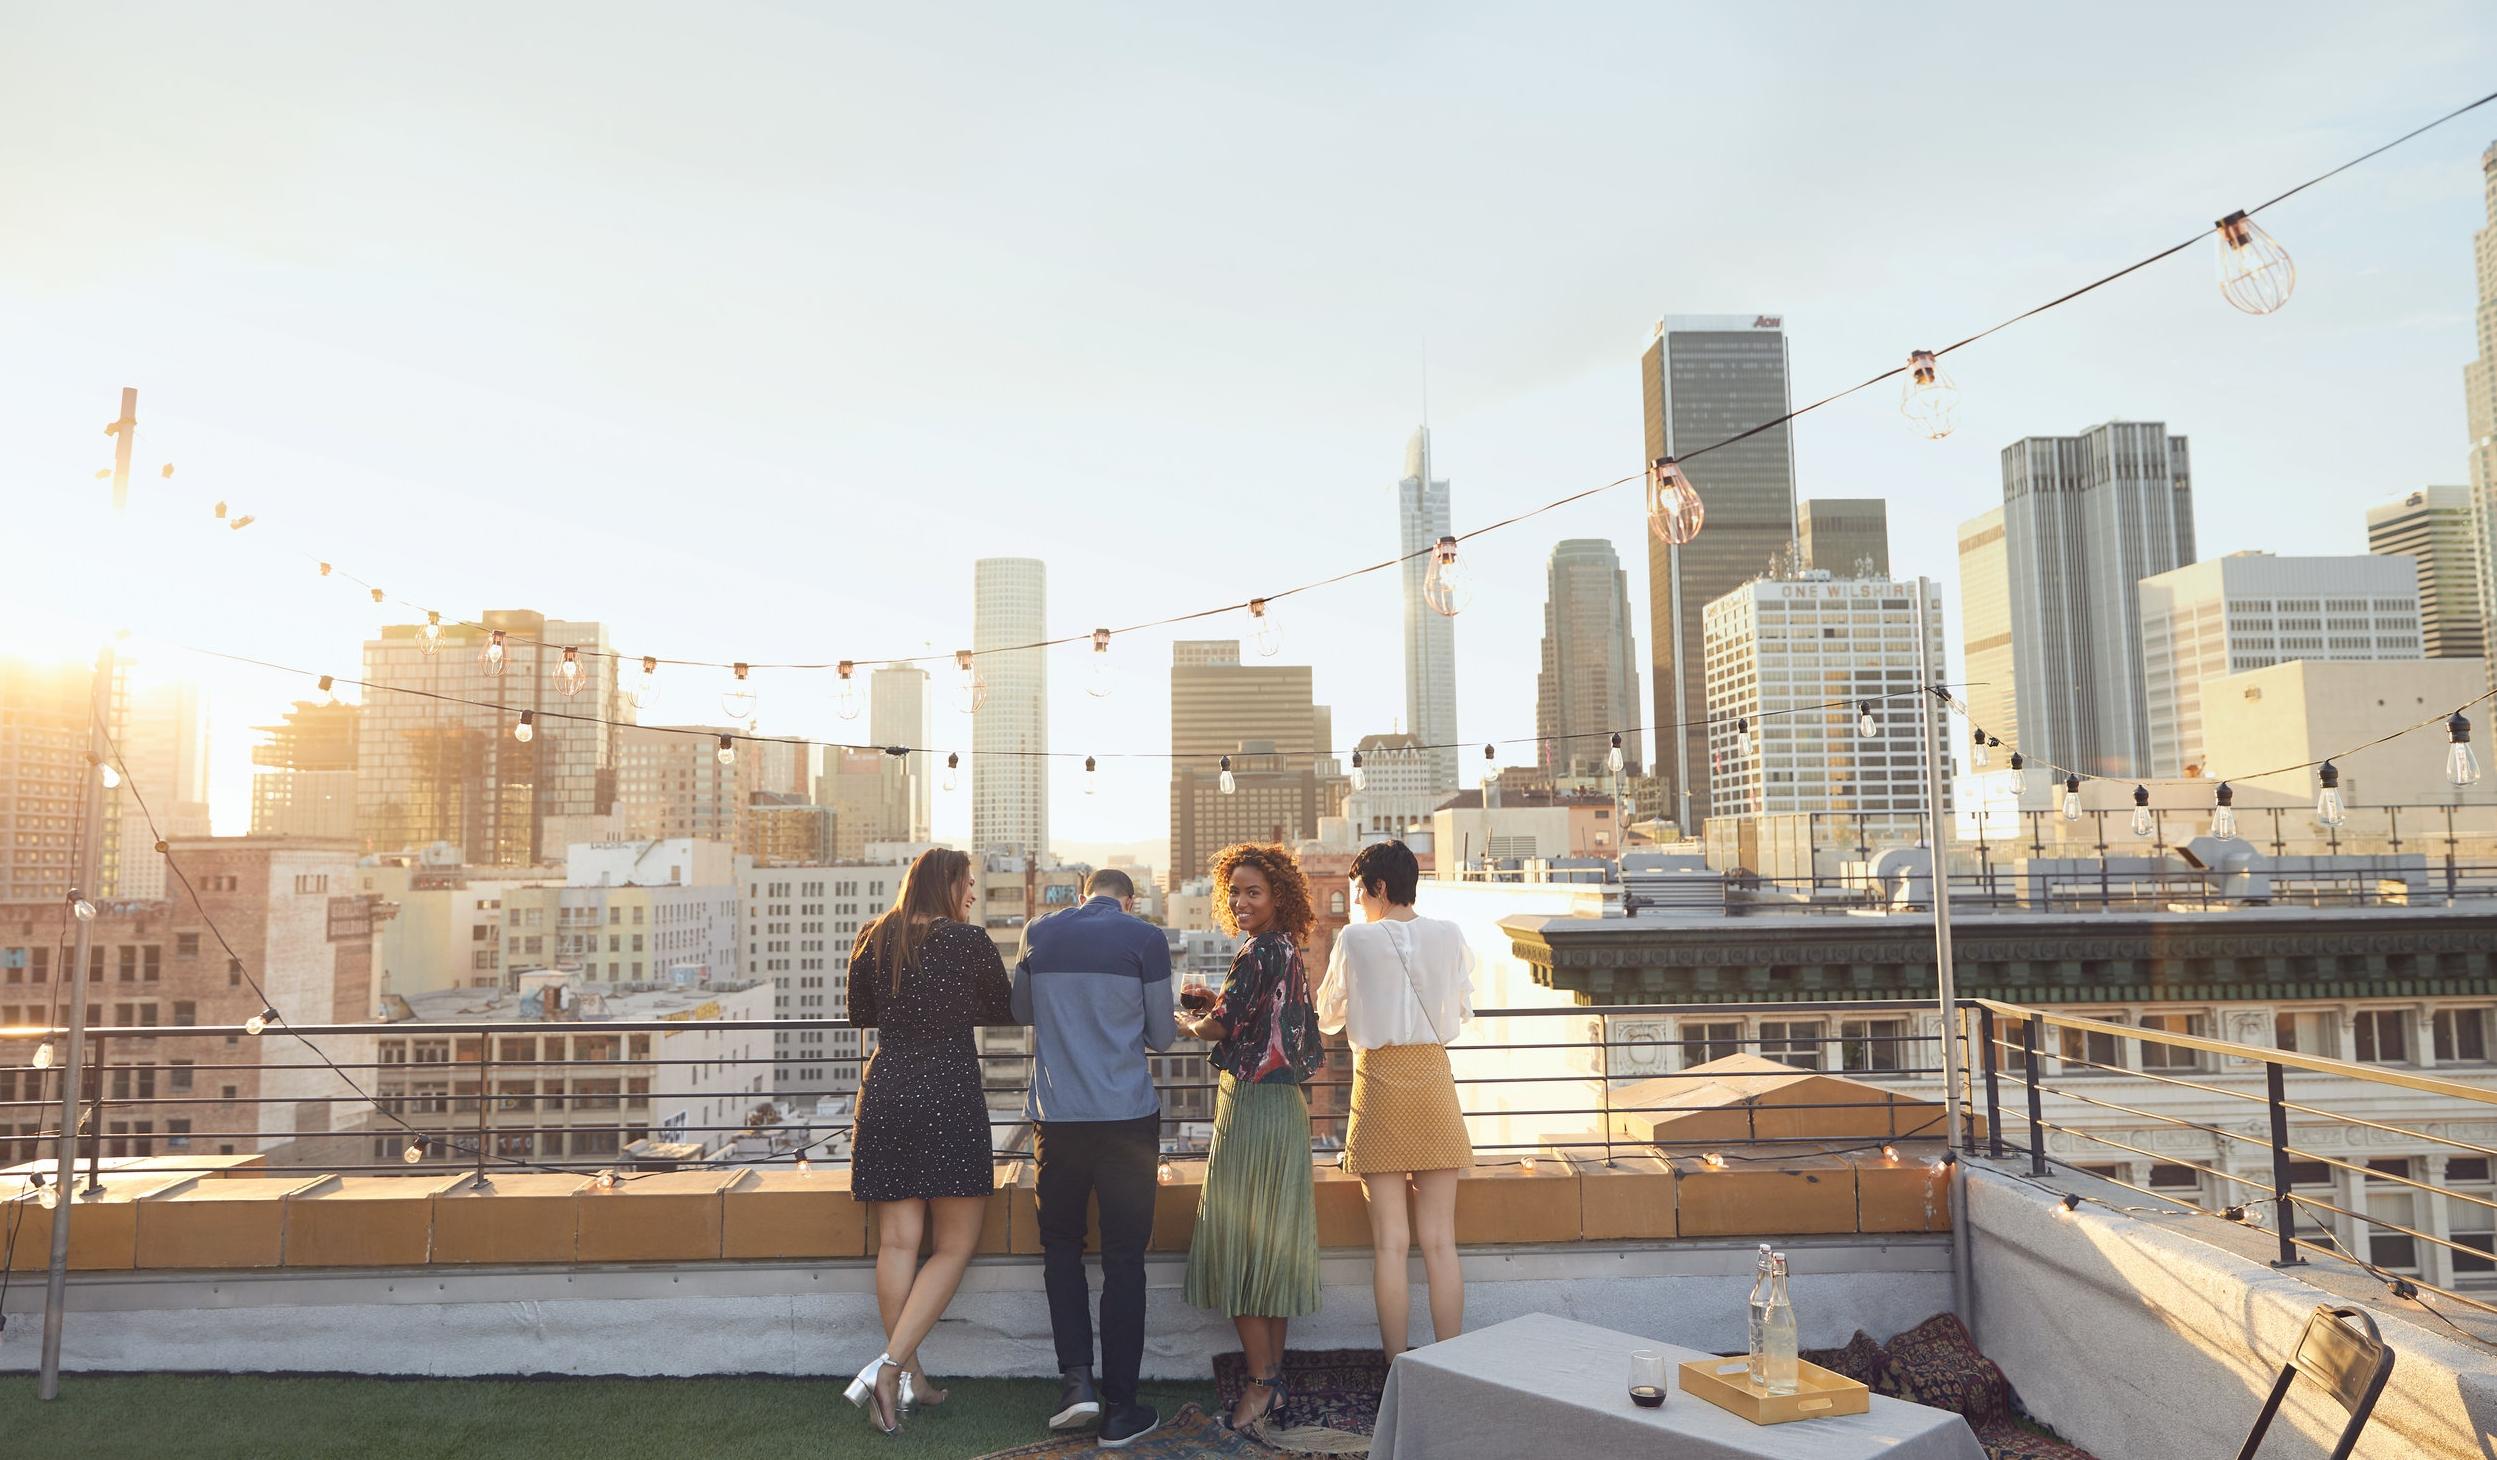 Rooftop_Cocktails_02_143_jw_v2.jpg